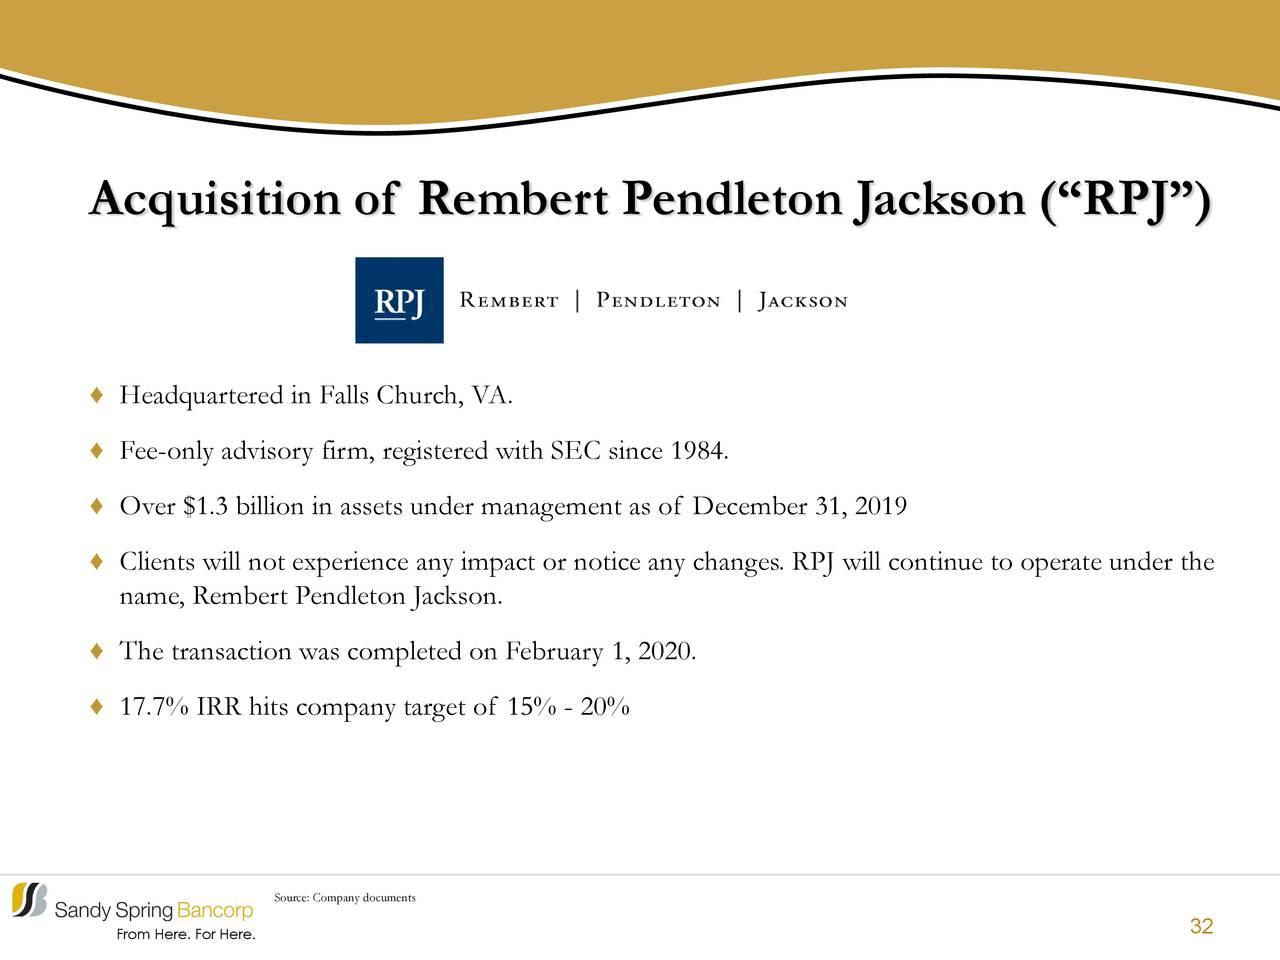 Adquisición de Rembert Pendleton Jackson (